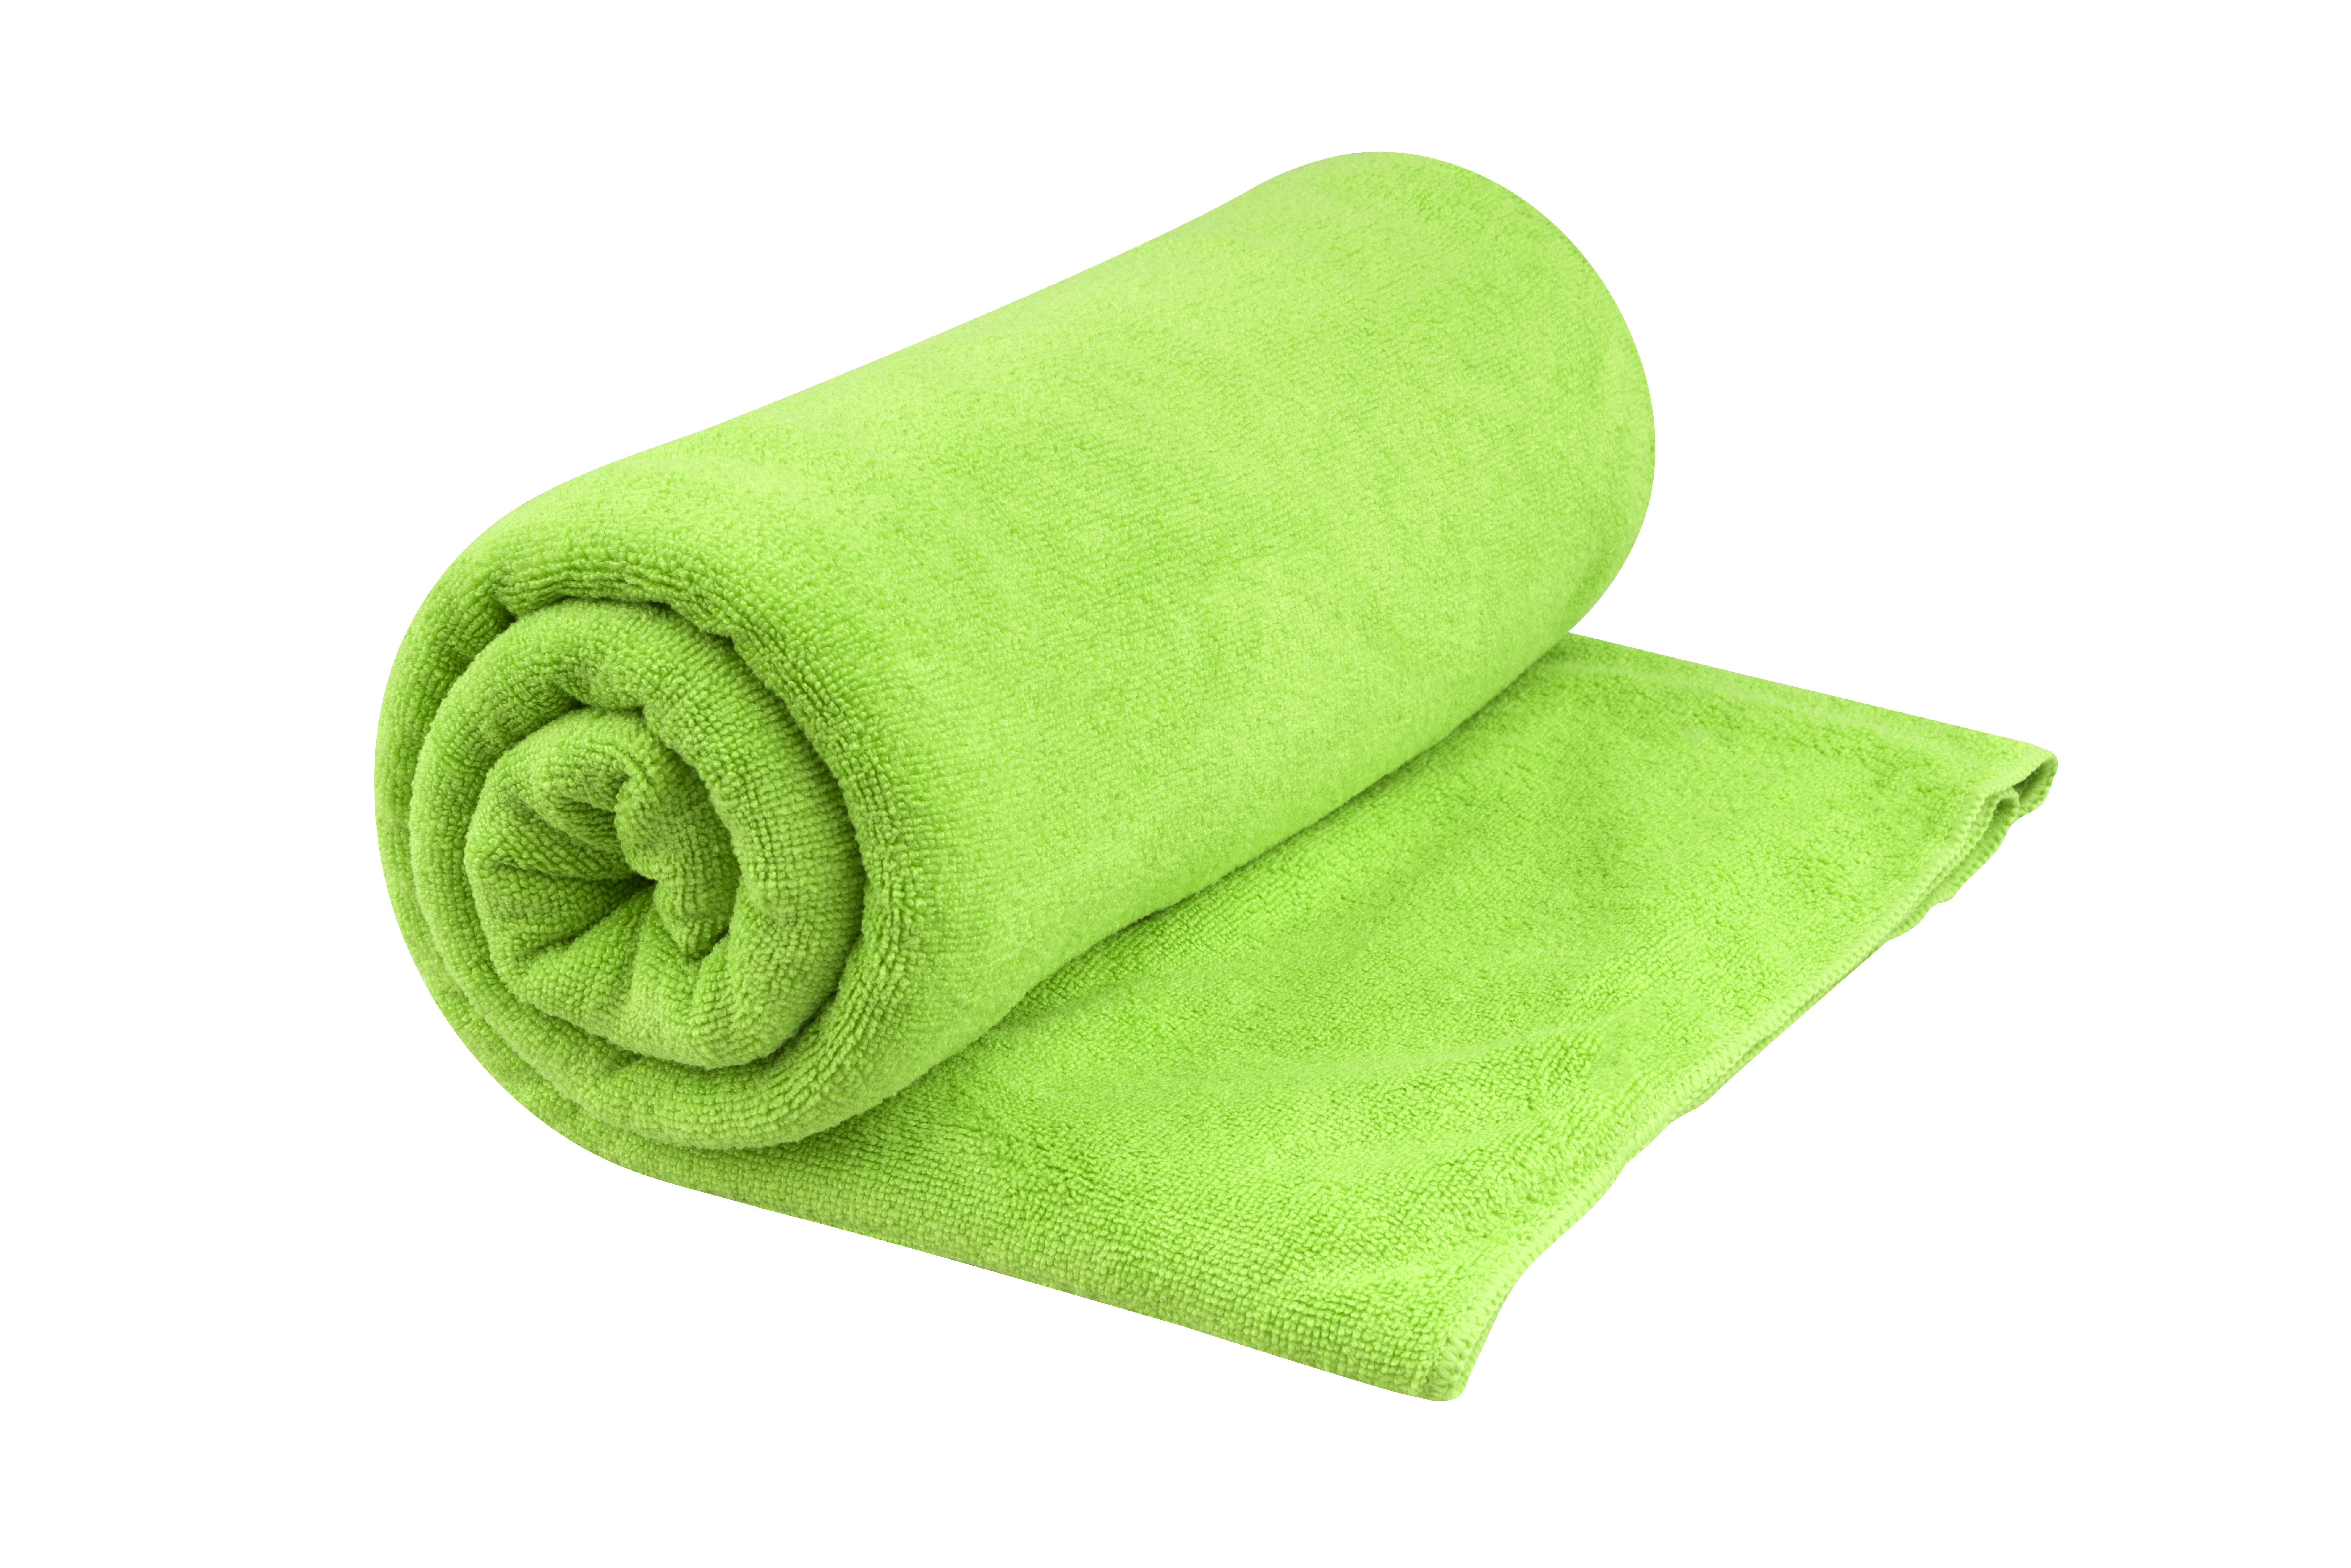 Полотенце Tek Towel 75cm x150cm Sea To Summit — фото 1